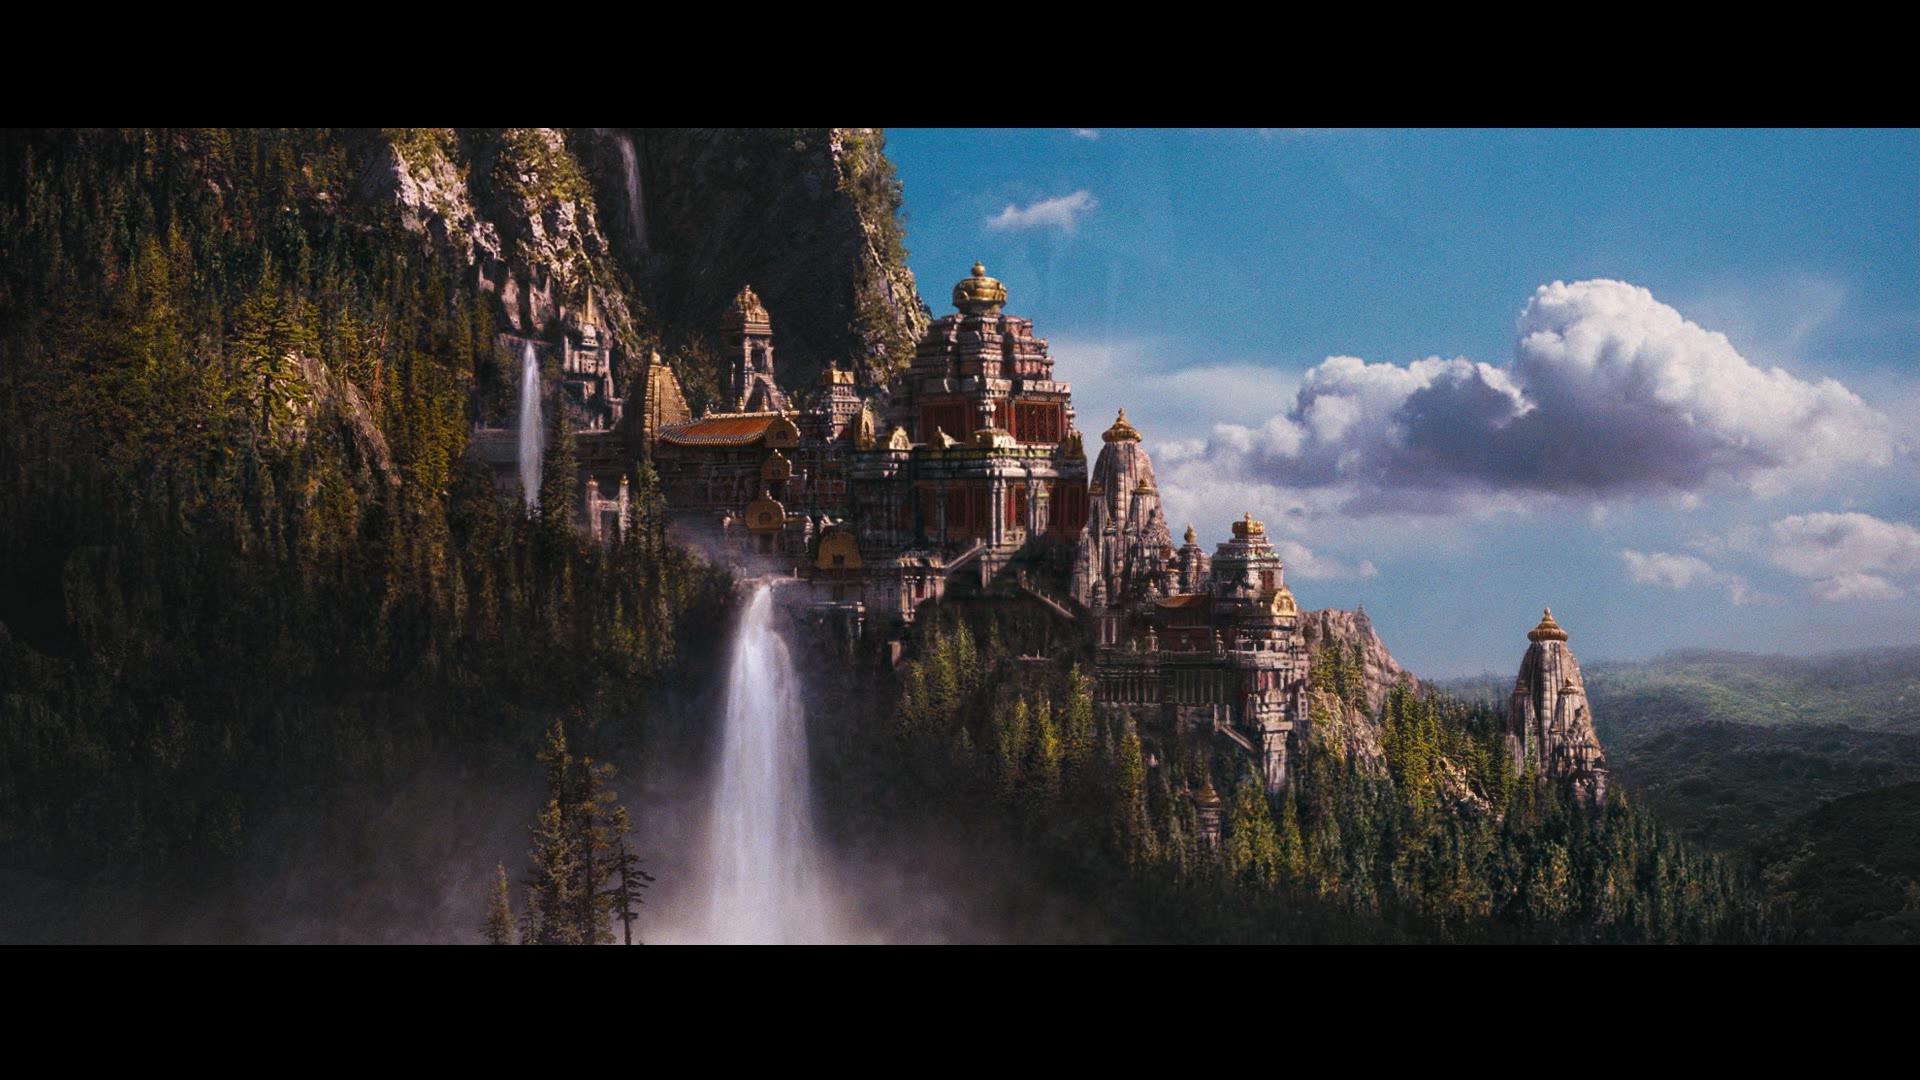 Schloss Full HD Wallpaper And Hintergrund